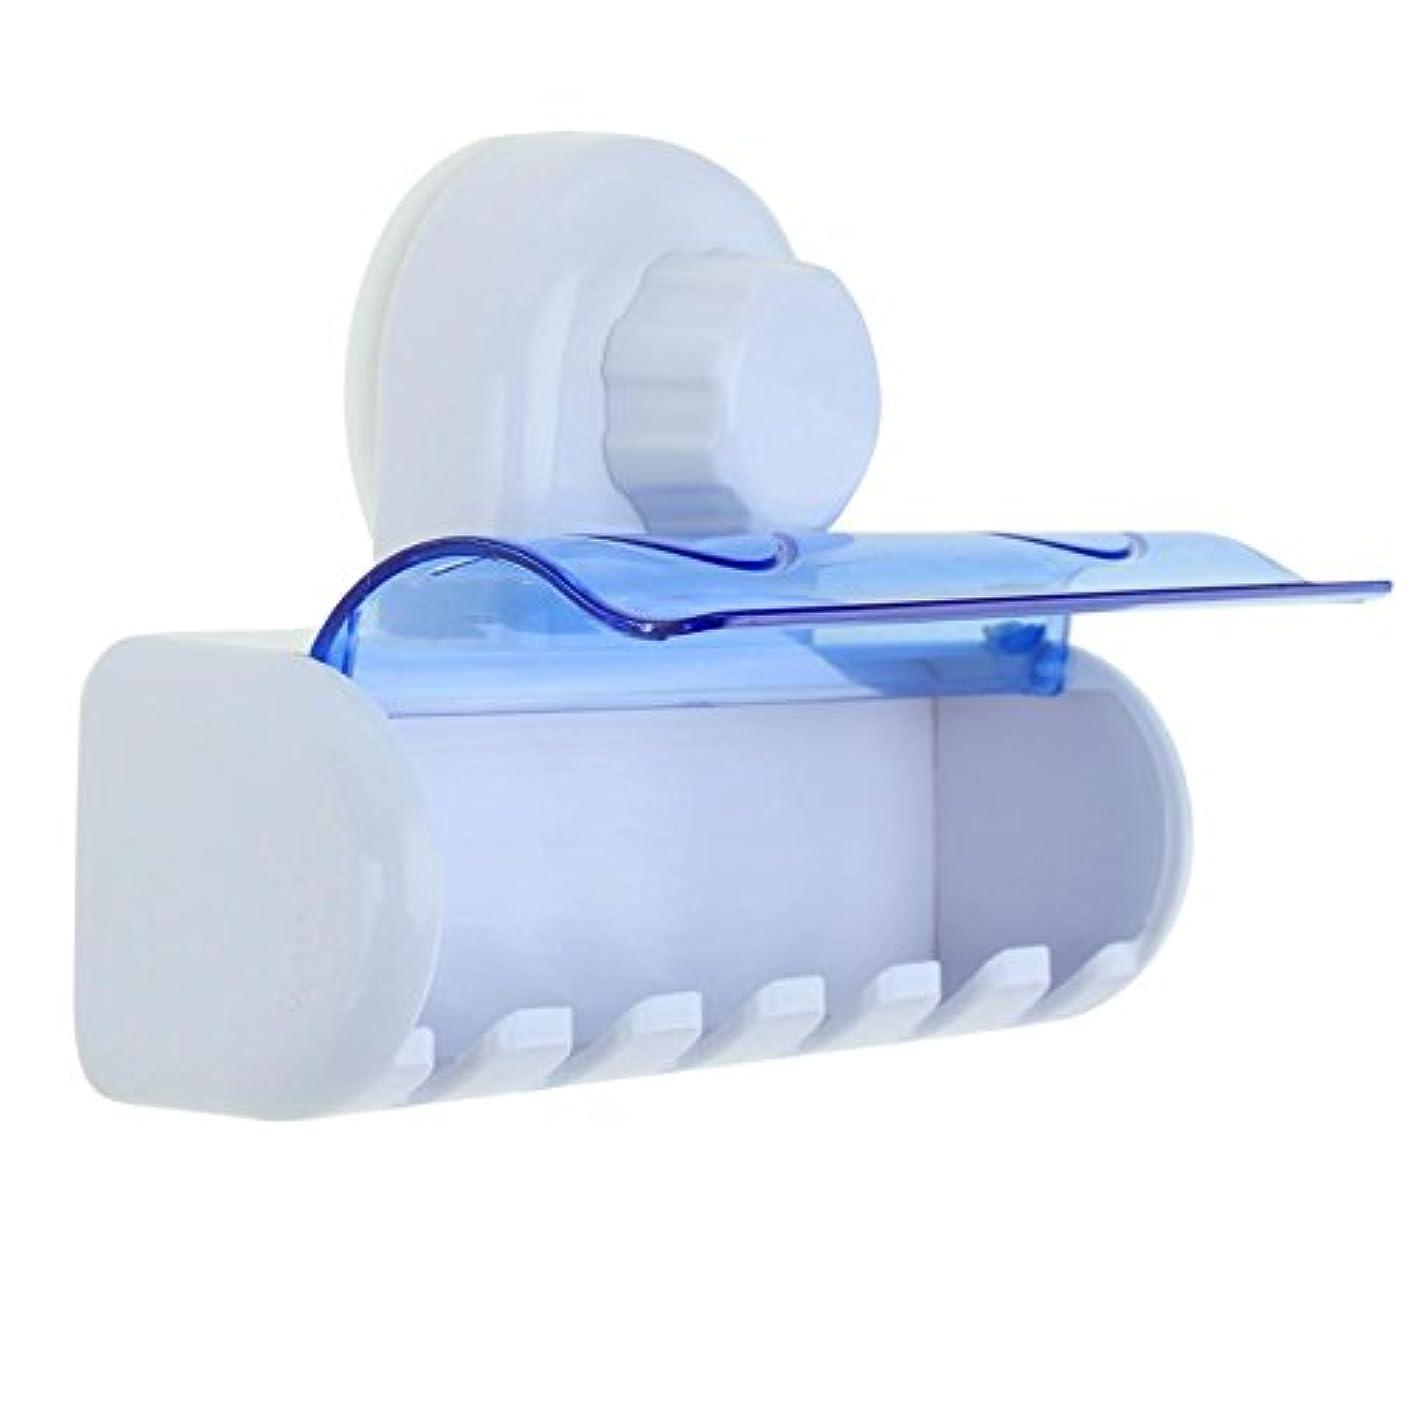 文庫本無限読者Demiawaking 強力吸盤付き ハブラシラック 歯ブラシ6本収納対応 取り付け簡単 壁掛け ハブラシホルダー